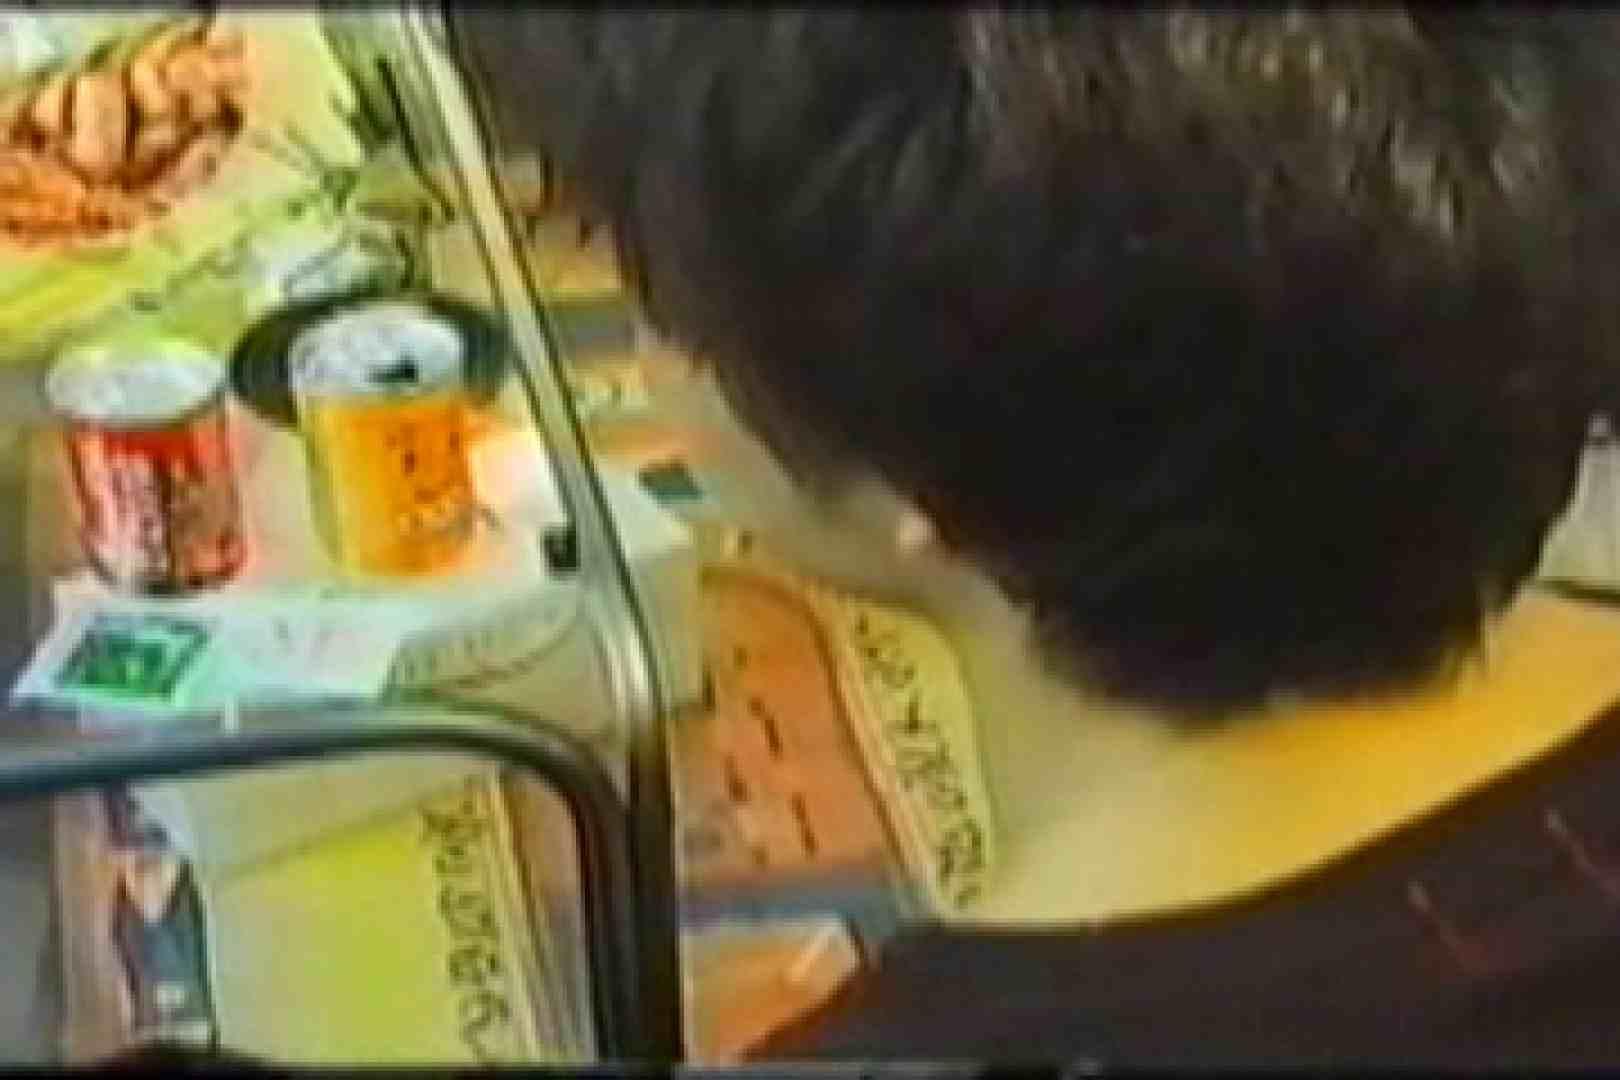 【流出】若者たちの集い 連結フェラ ゲイヌード画像 77pic 29